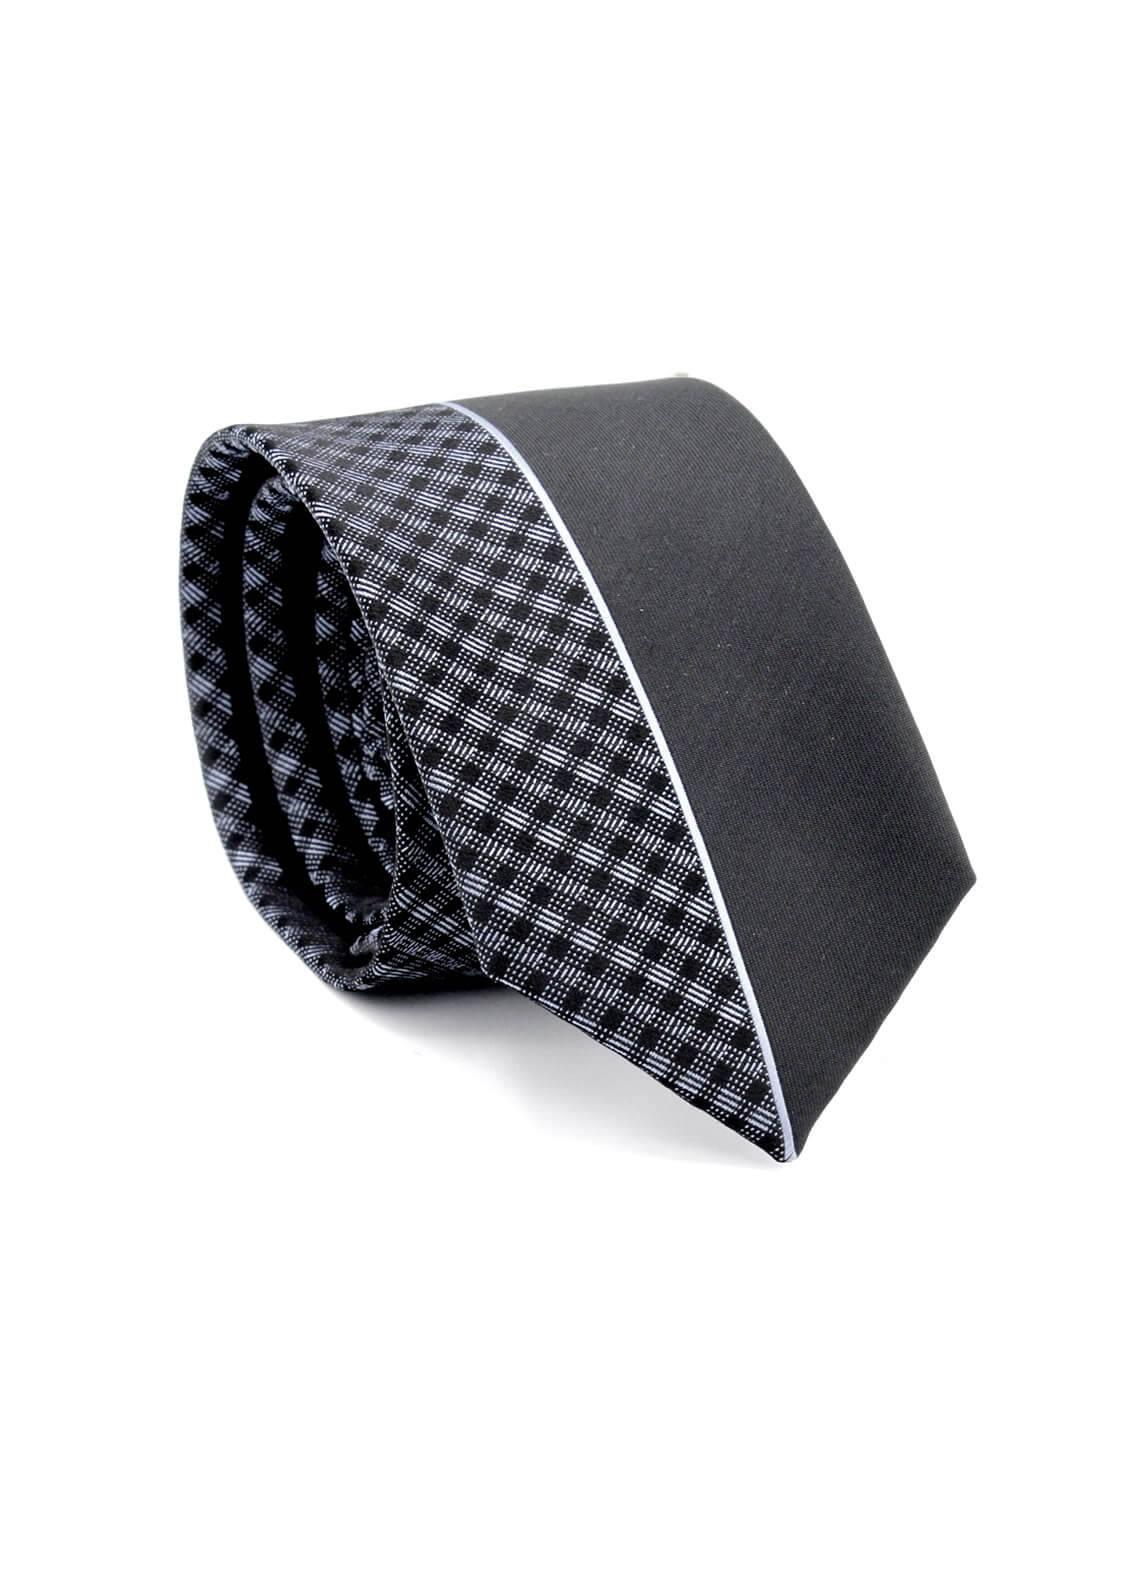 Skangen Multi-Patterned Wool Neck Tie Neck Tie SKTI-S-013 -